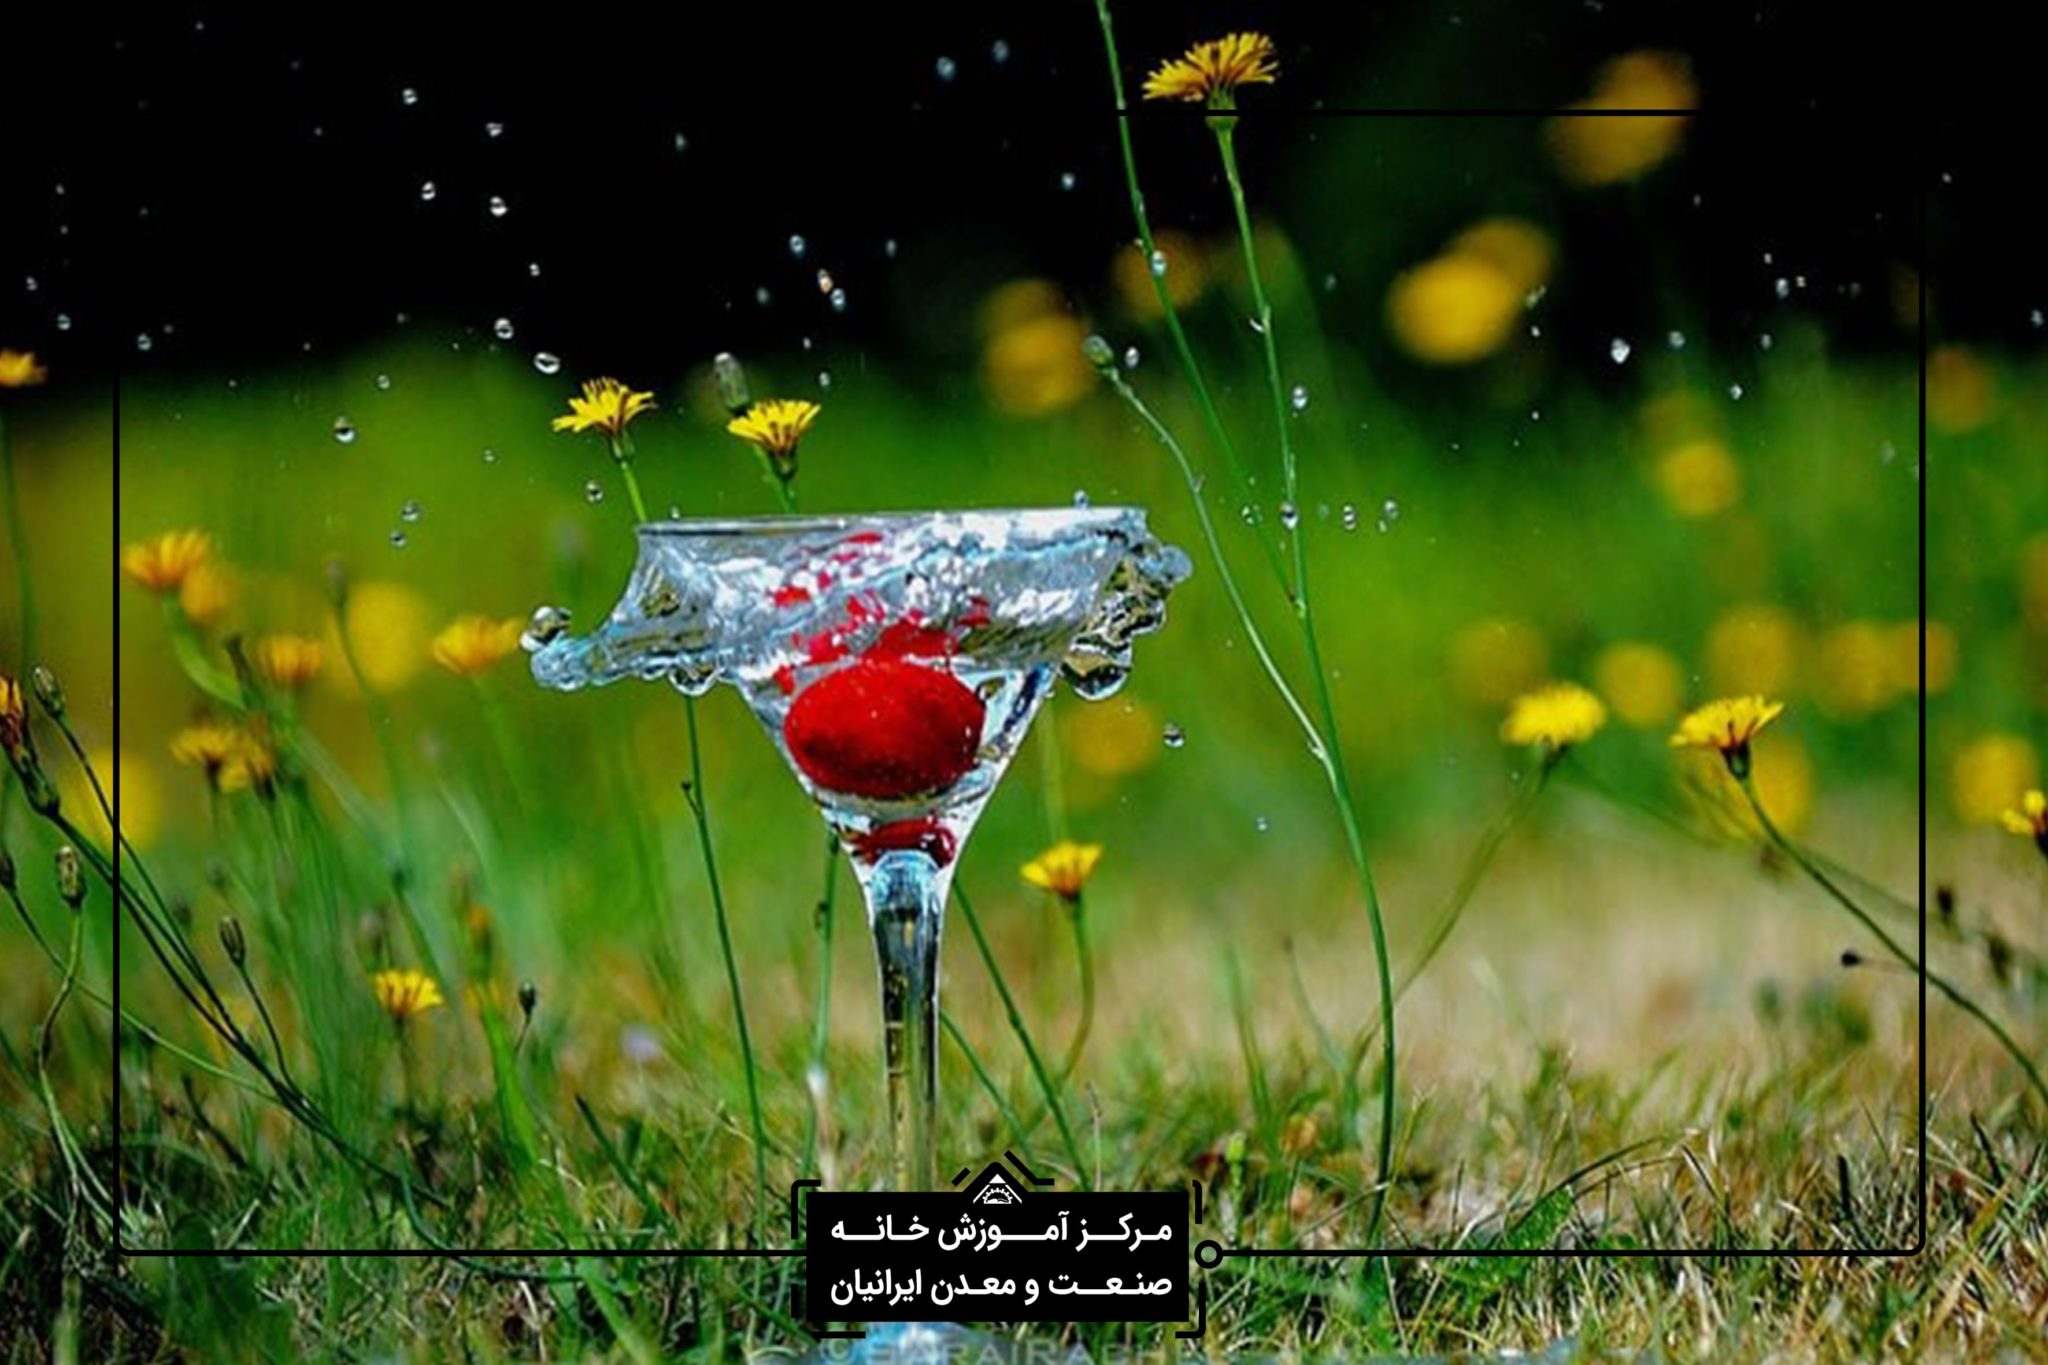 عکاسی در شیراز - آموزش عکاسی تخصصی در شیراز